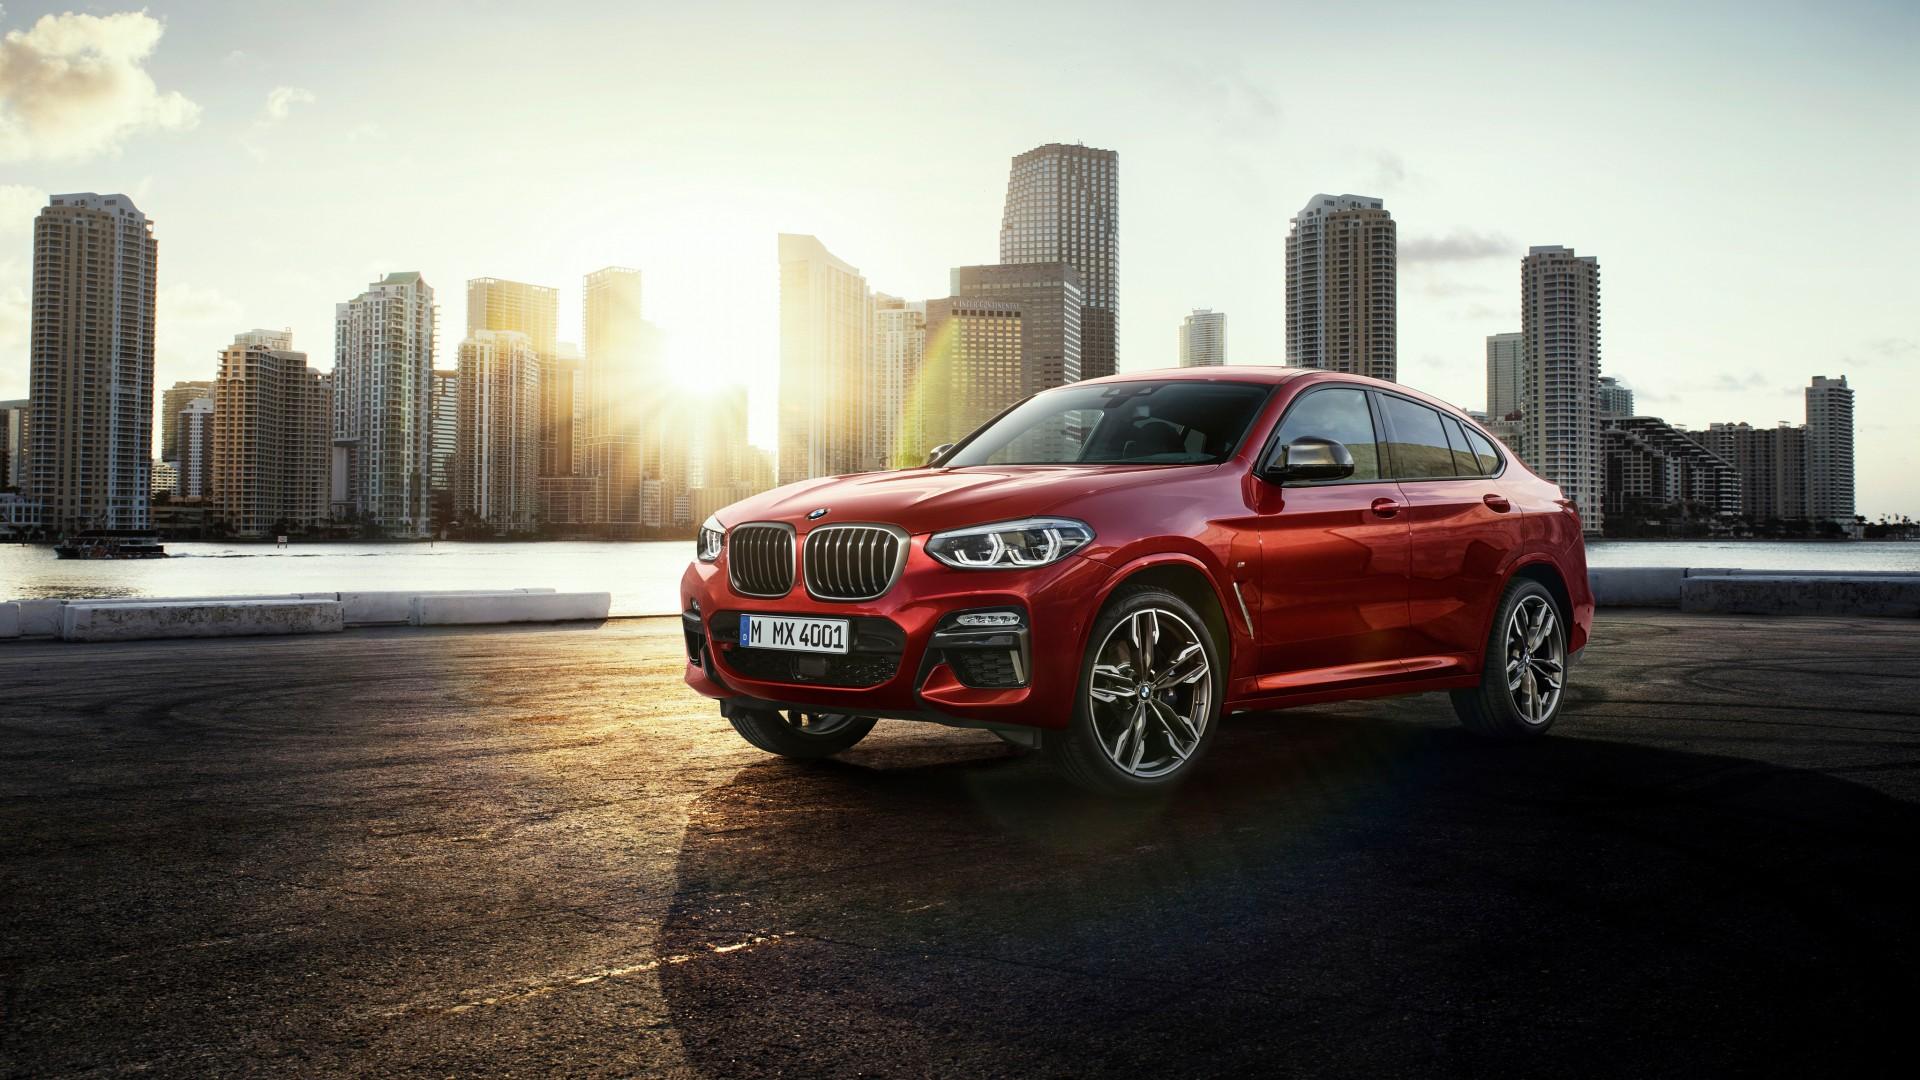 2019 BMW X4 M40d 4K Wallpaper | HD Car Wallpapers | ID #9610